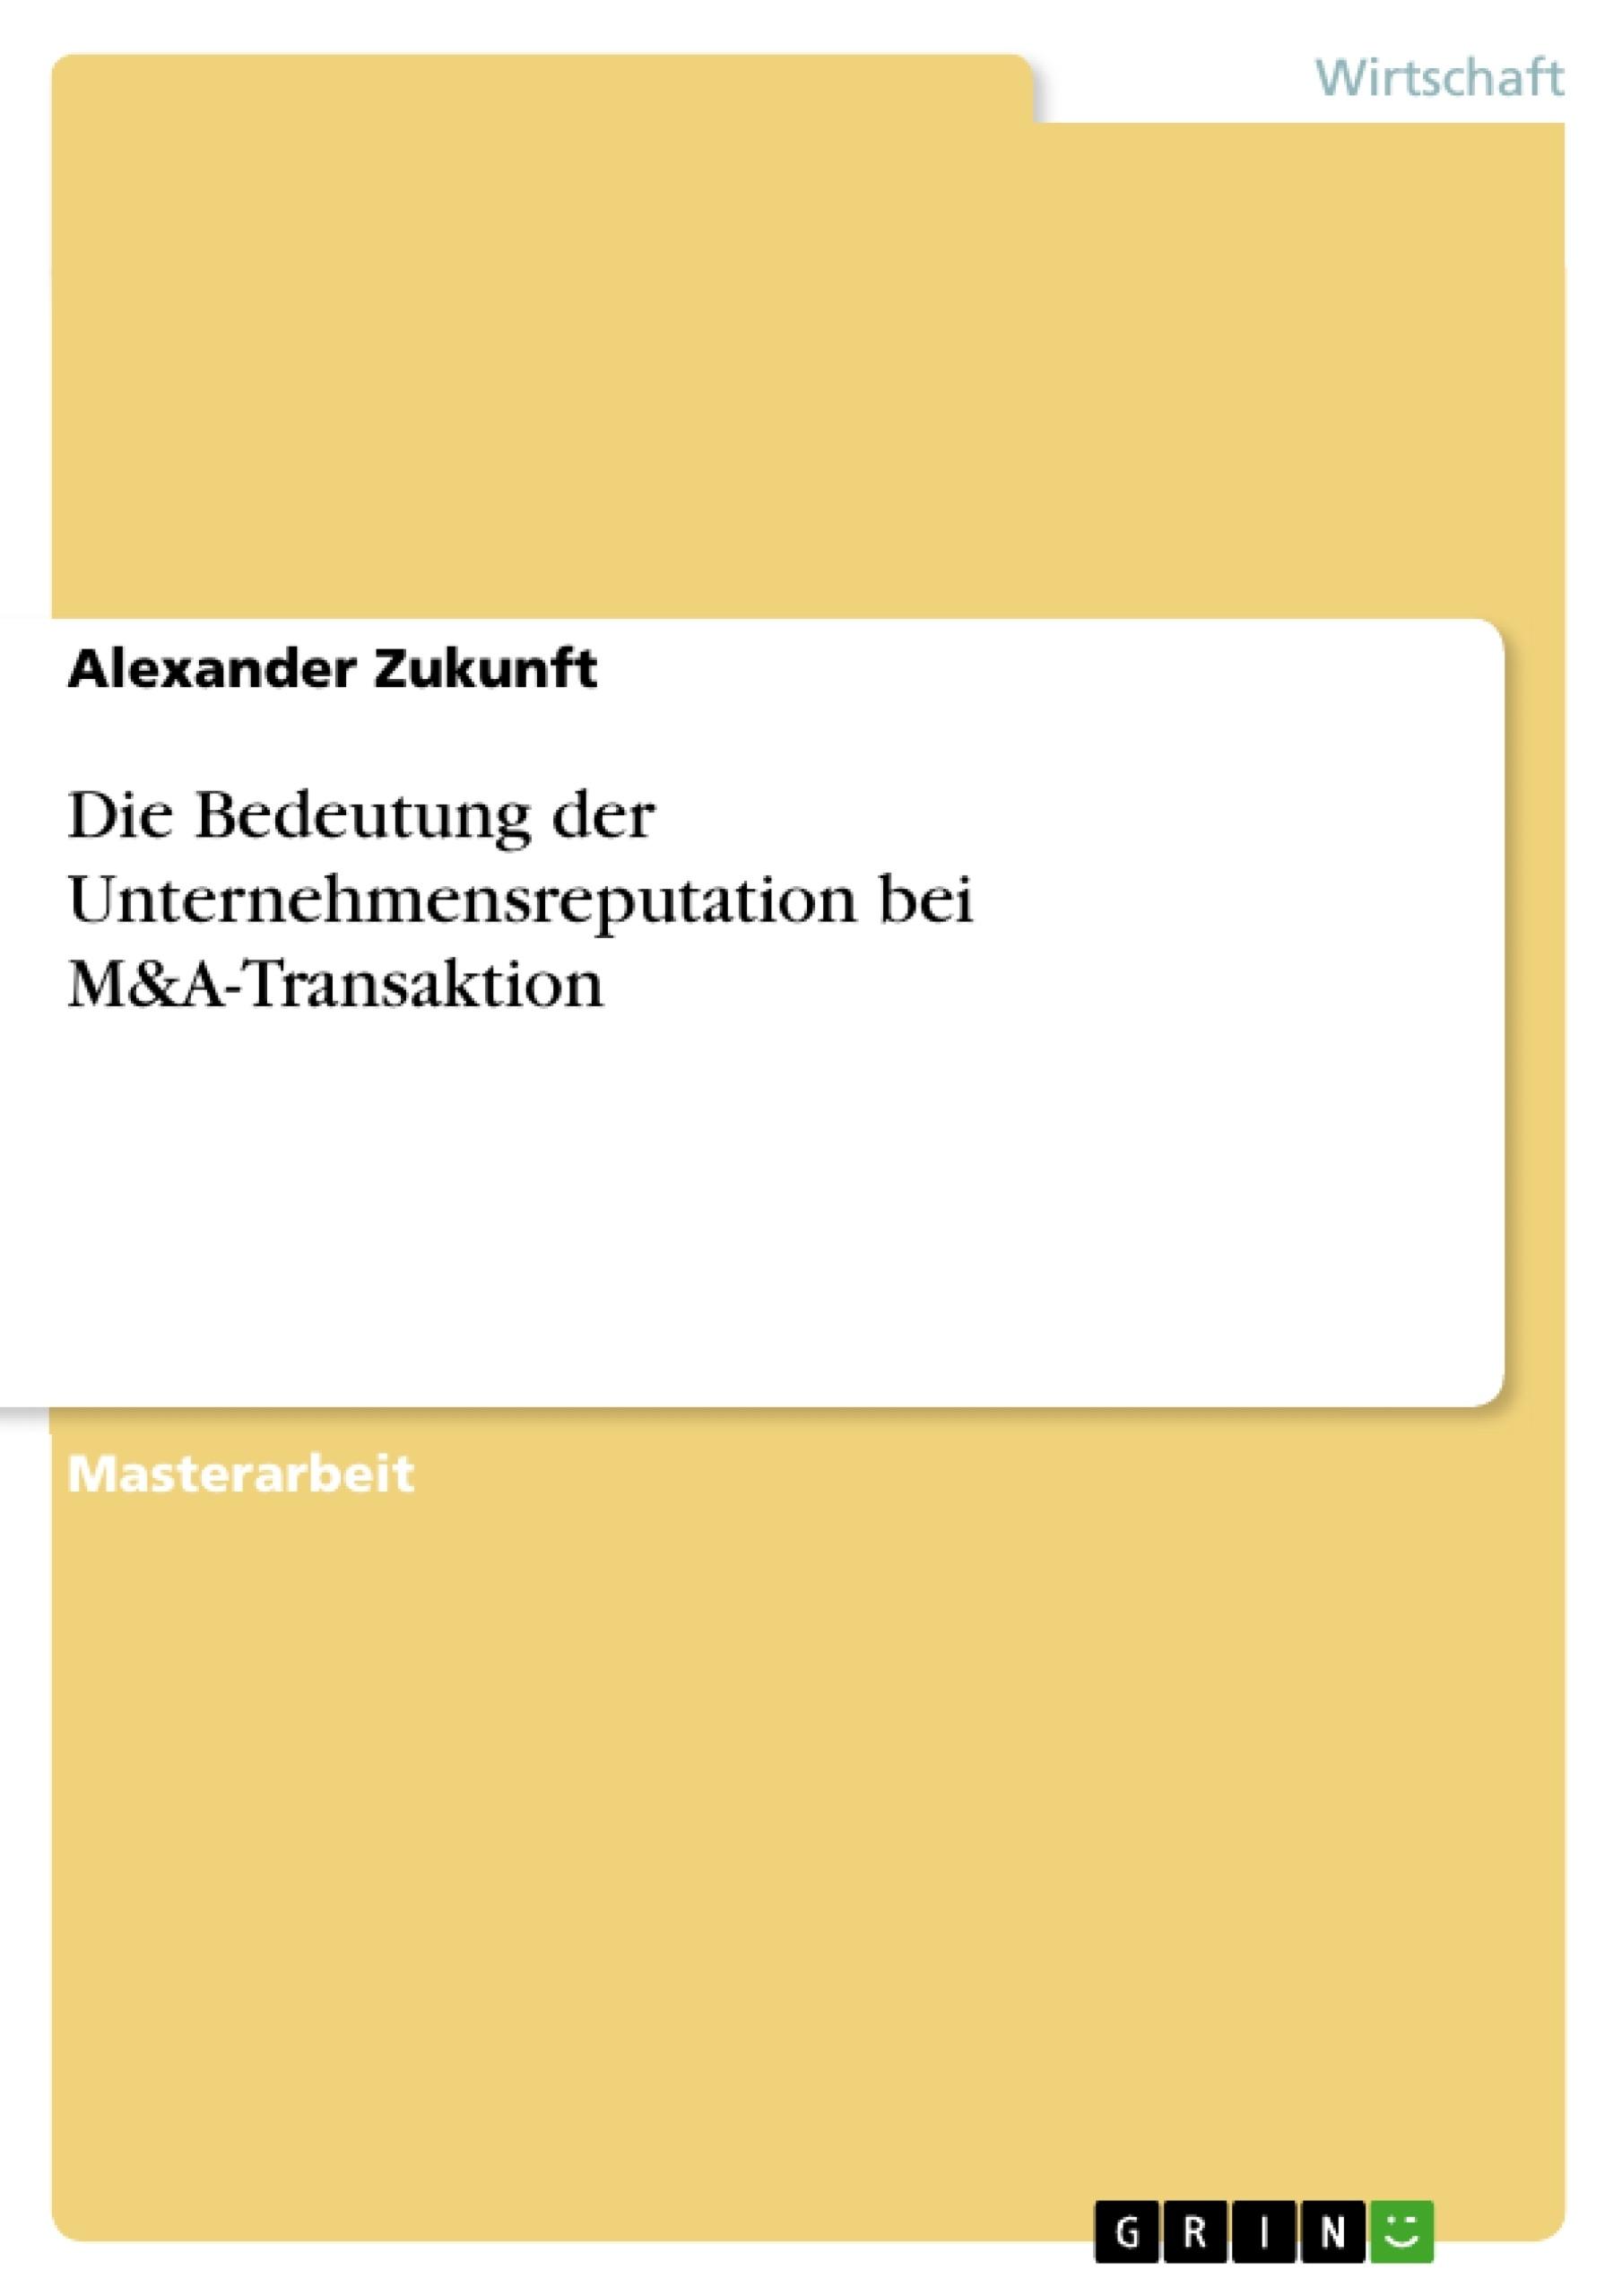 Titel: Die Bedeutung der Unternehmensreputation bei M&A-Transaktion